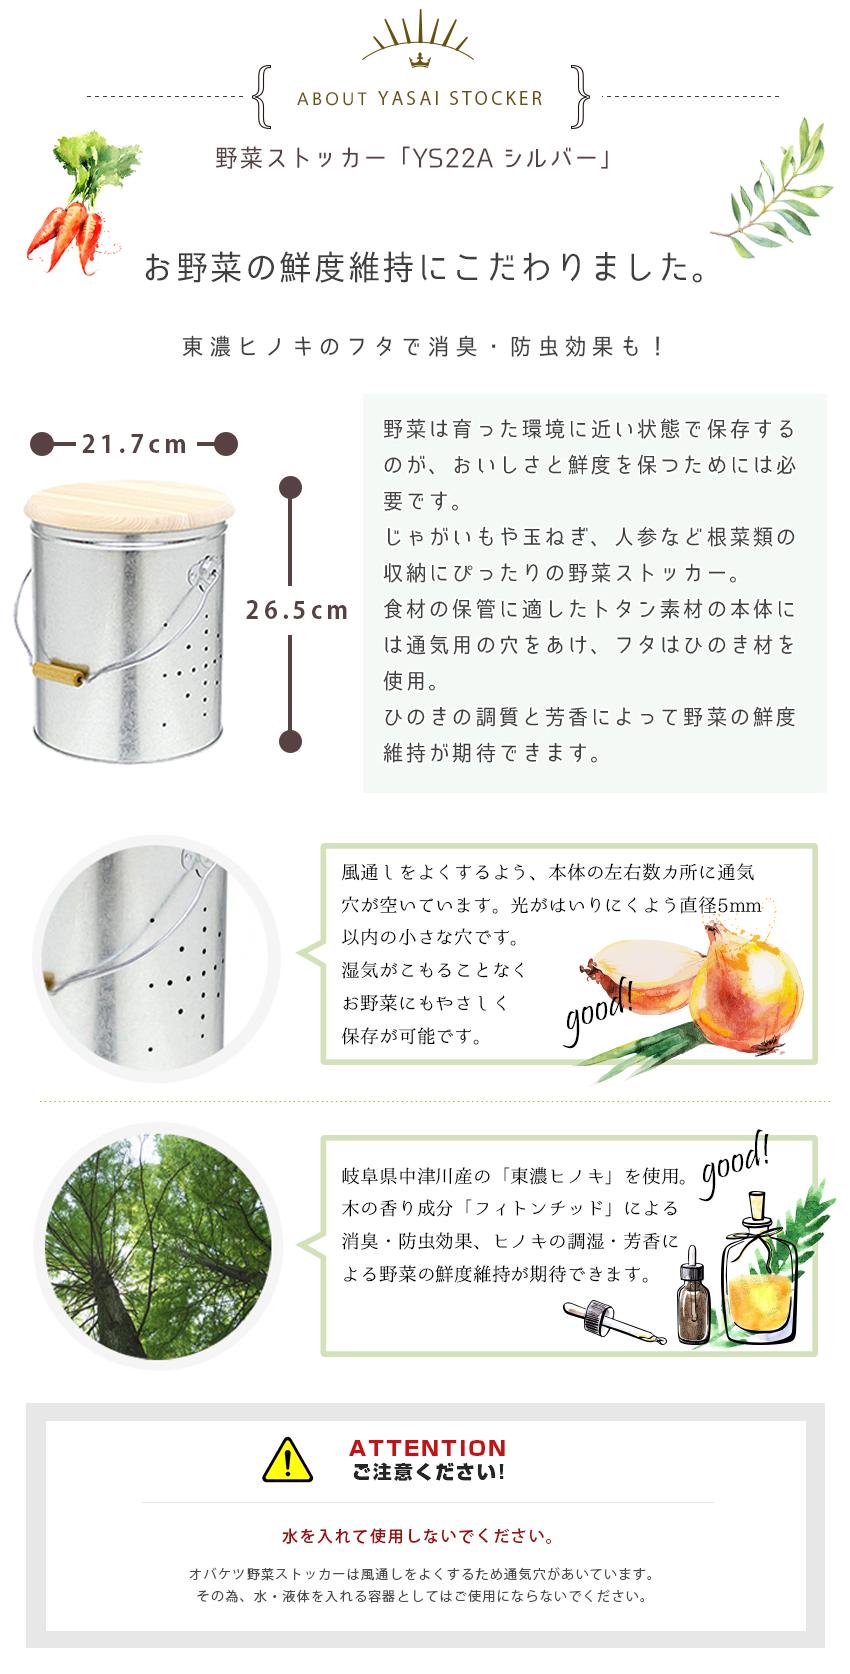 95周年記念商品第一弾!「大正・野菜ストッカー」